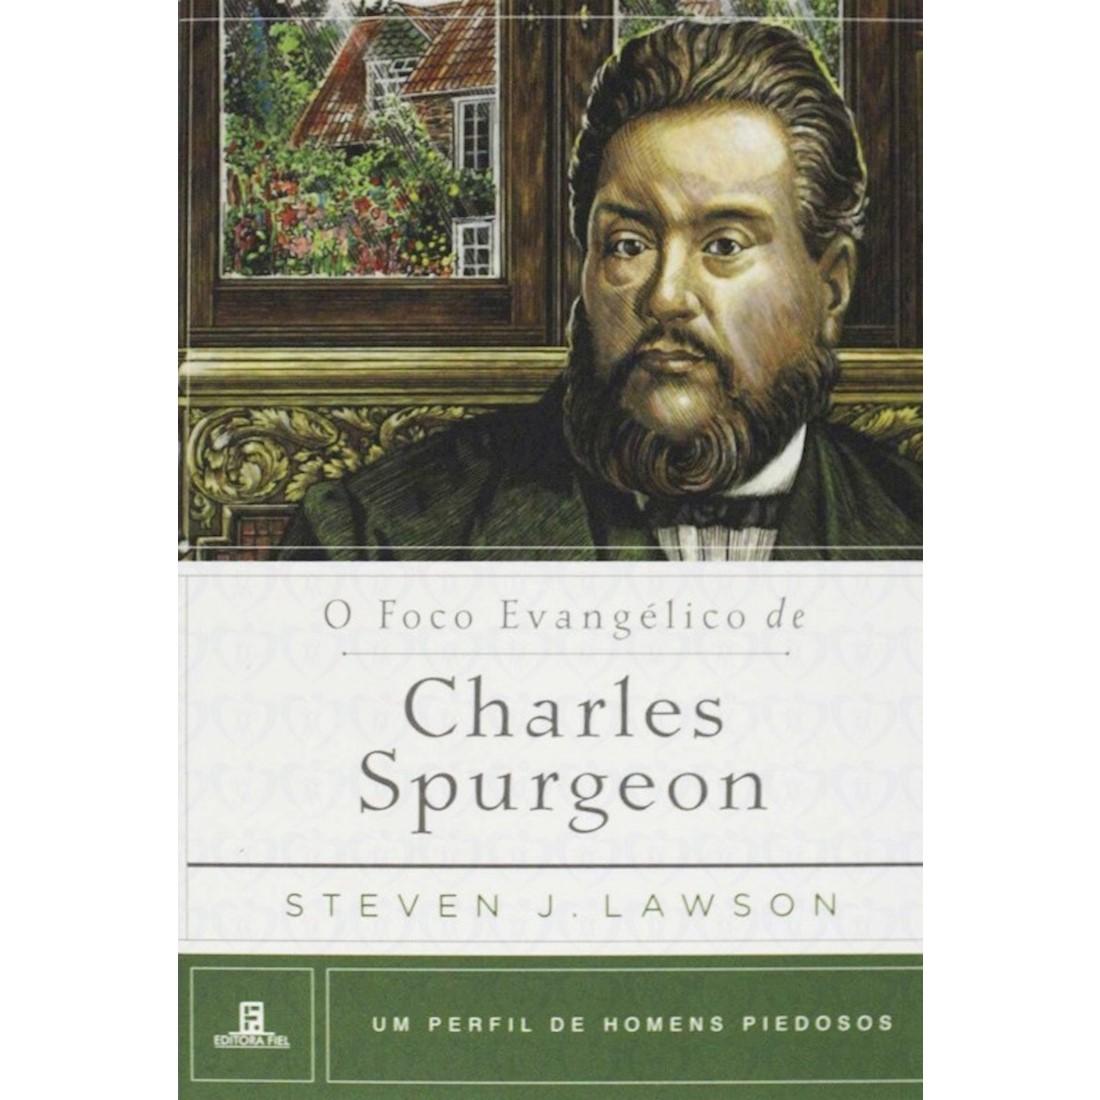 Livro O Foco Evangélico de Charles Spurgeon - Série Um Perfil de Homens Piedosos